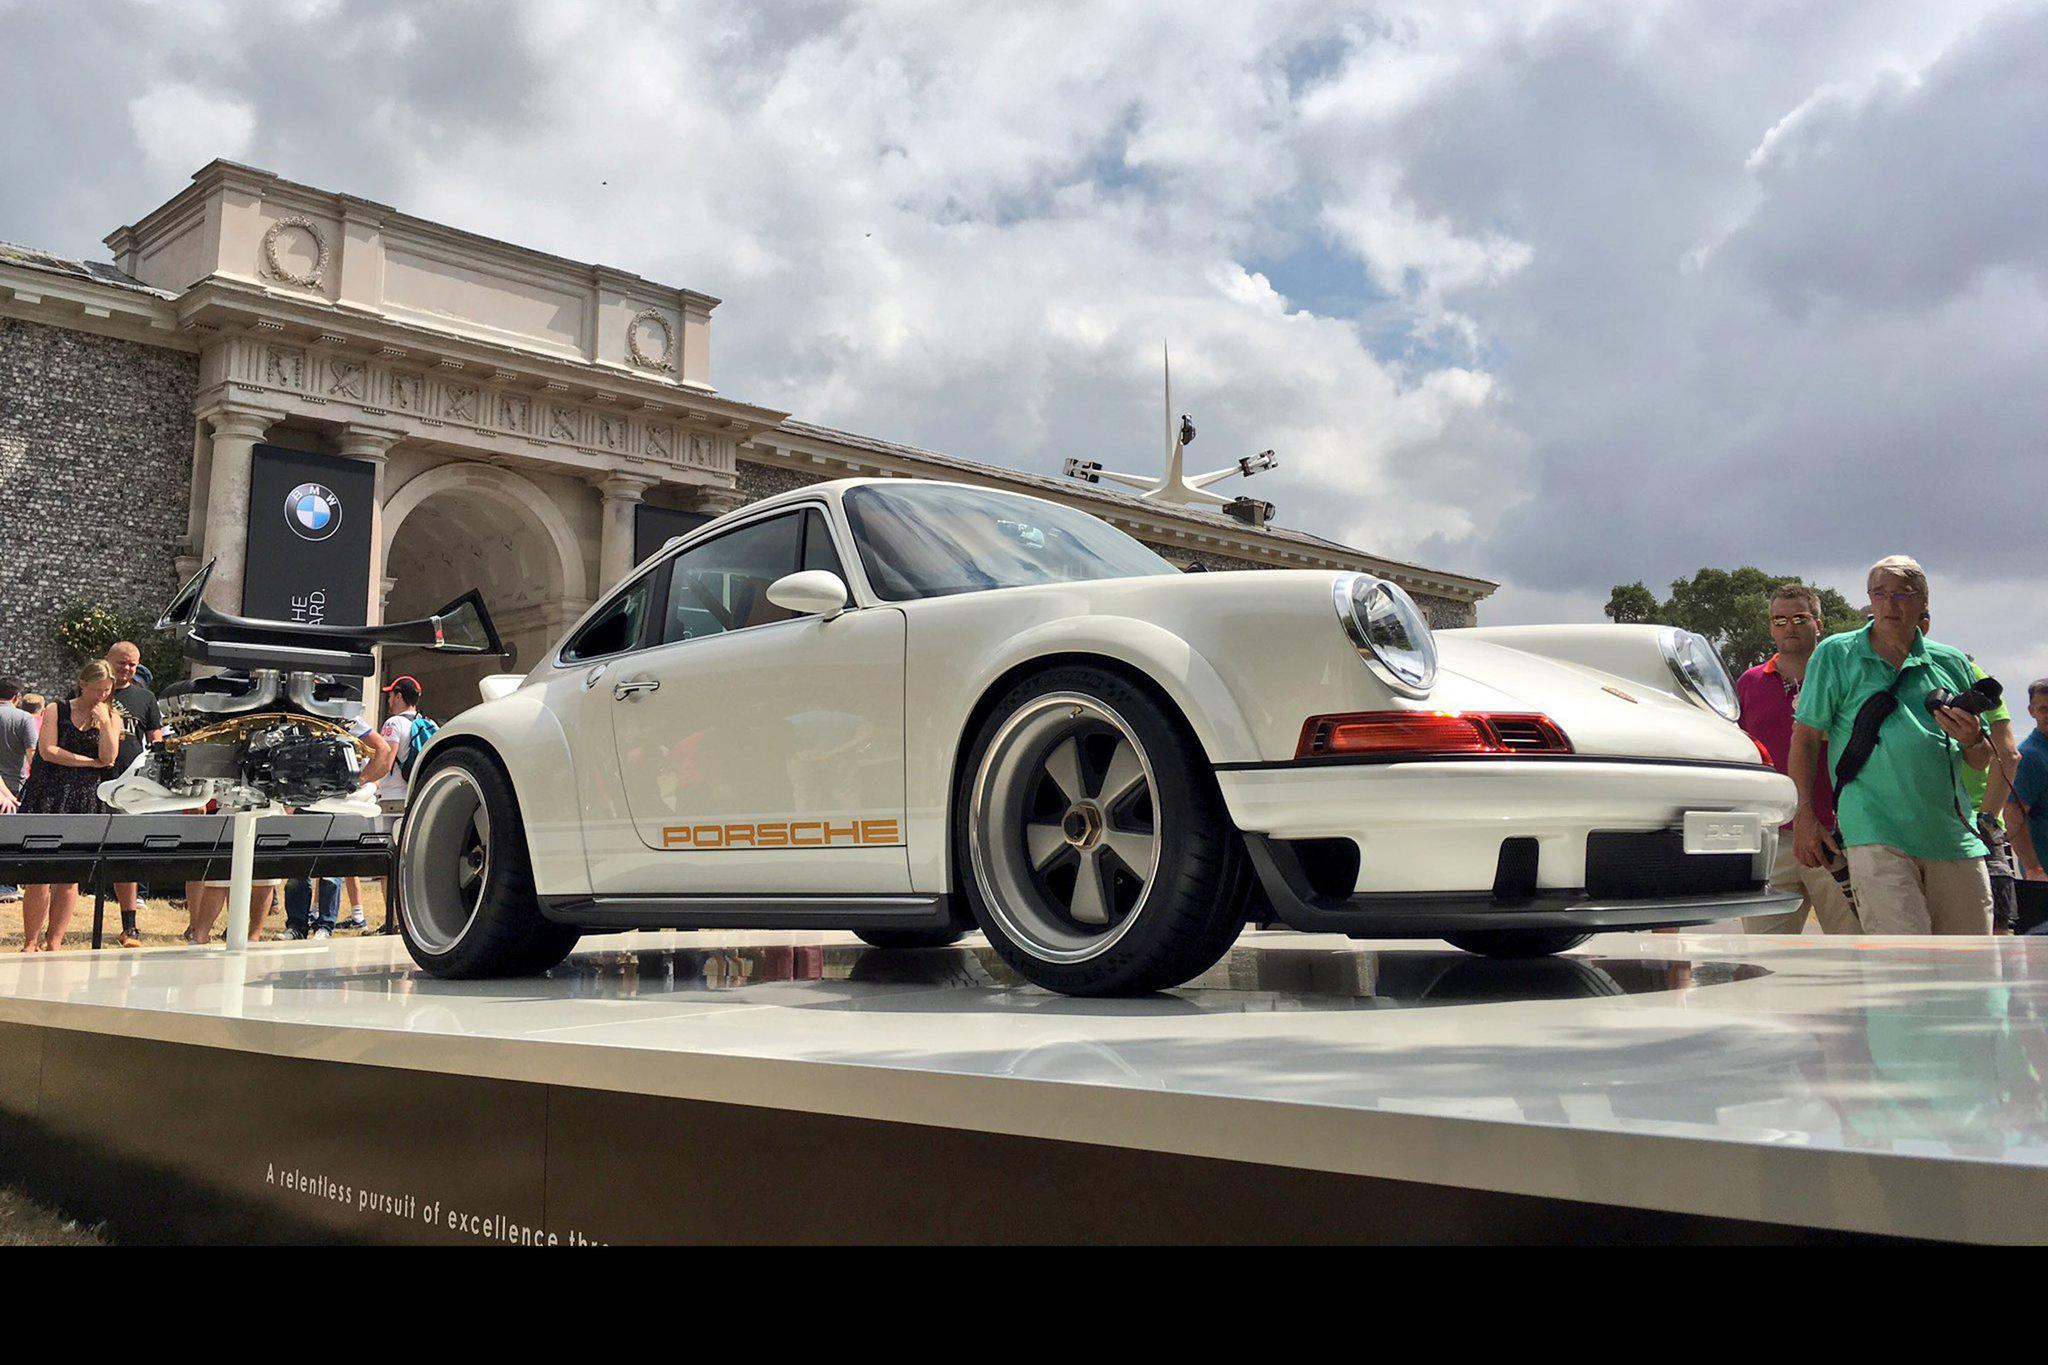 Singer Porsche headline image